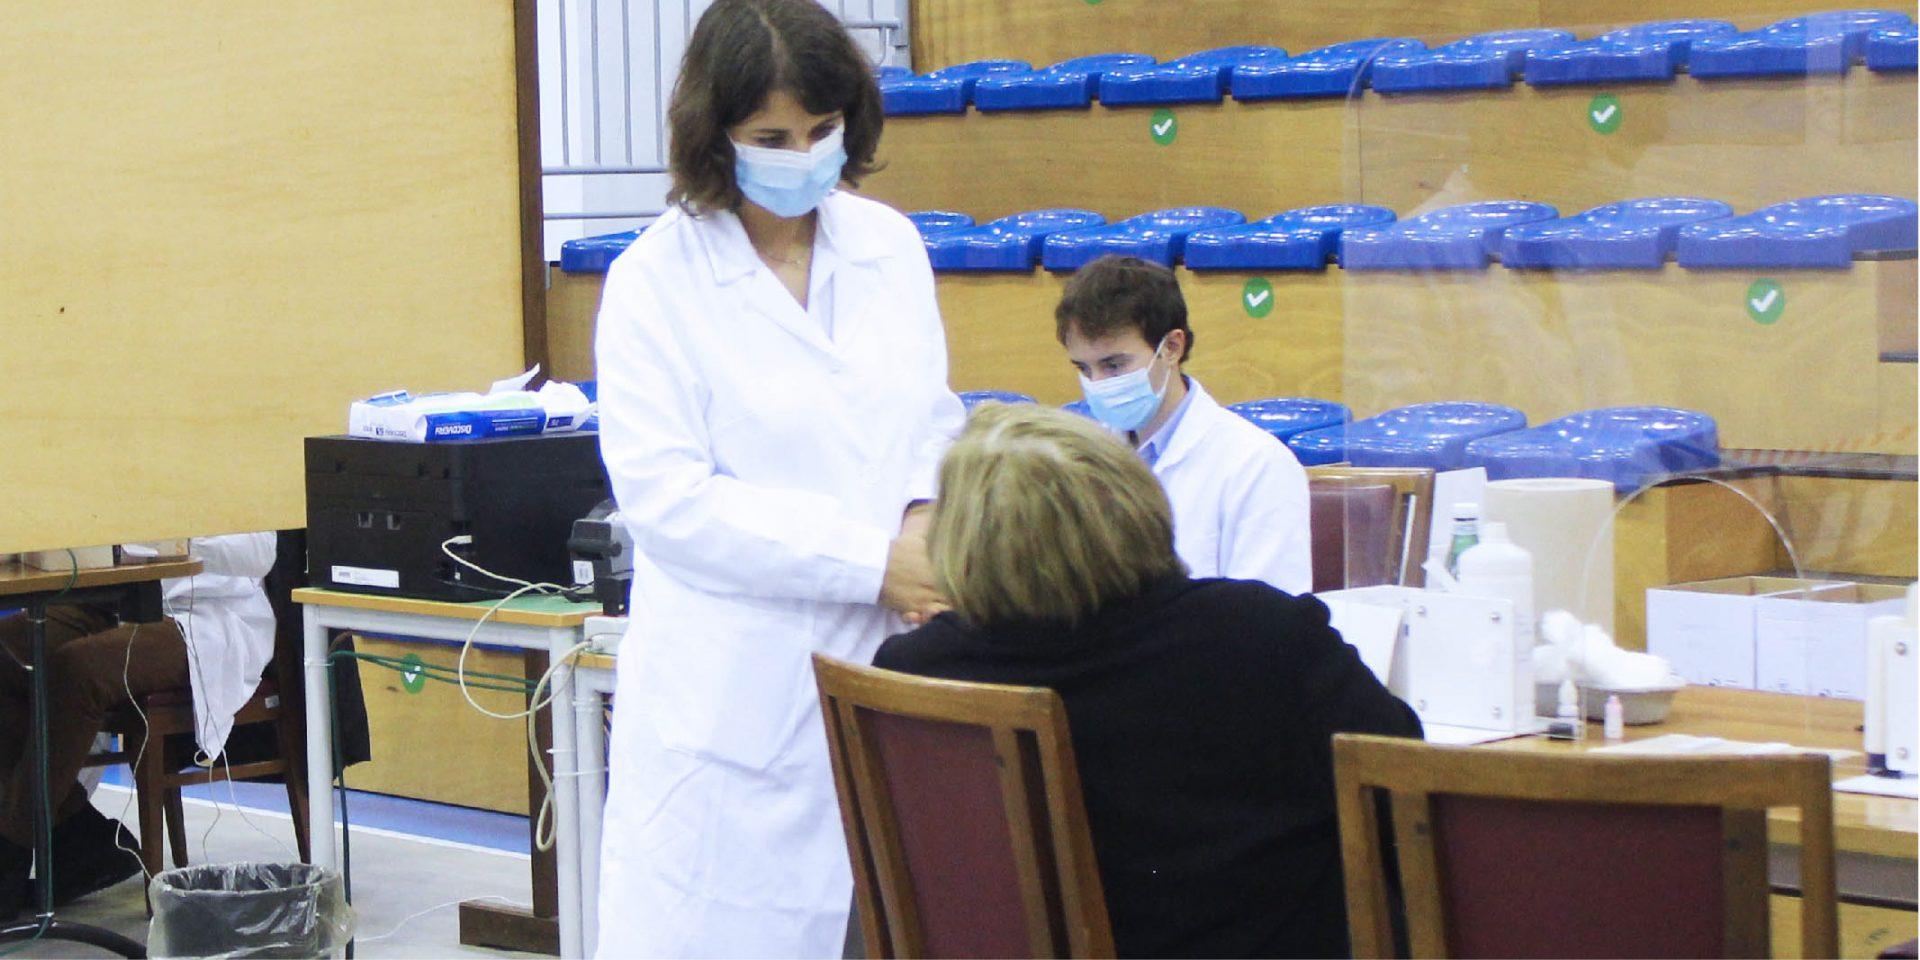 Studio epidemiologico - san pellegrino terme